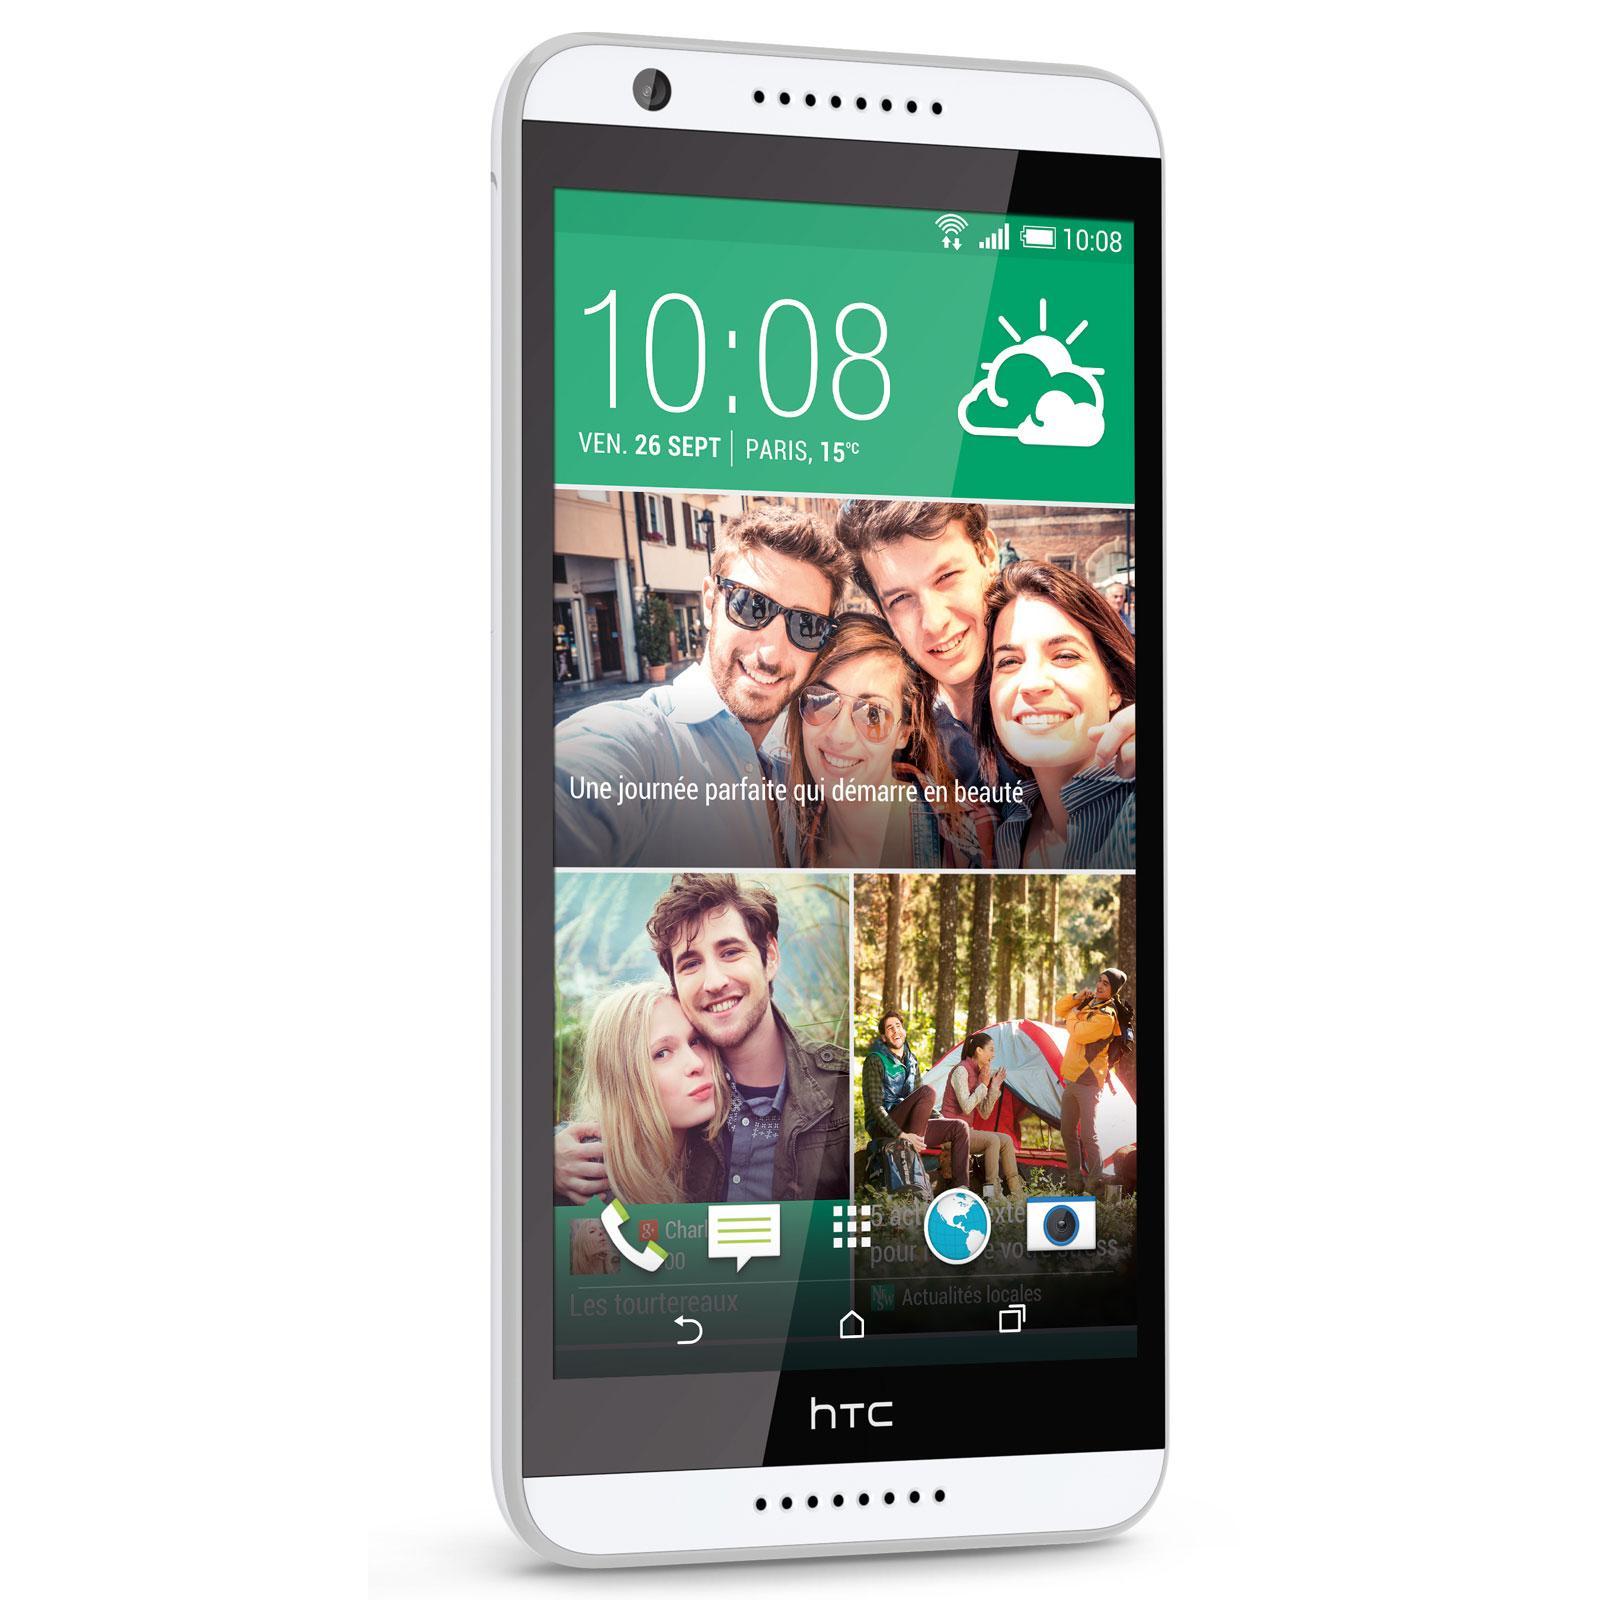 HTC Desire 820 16 Go - Blanc - Débloqué